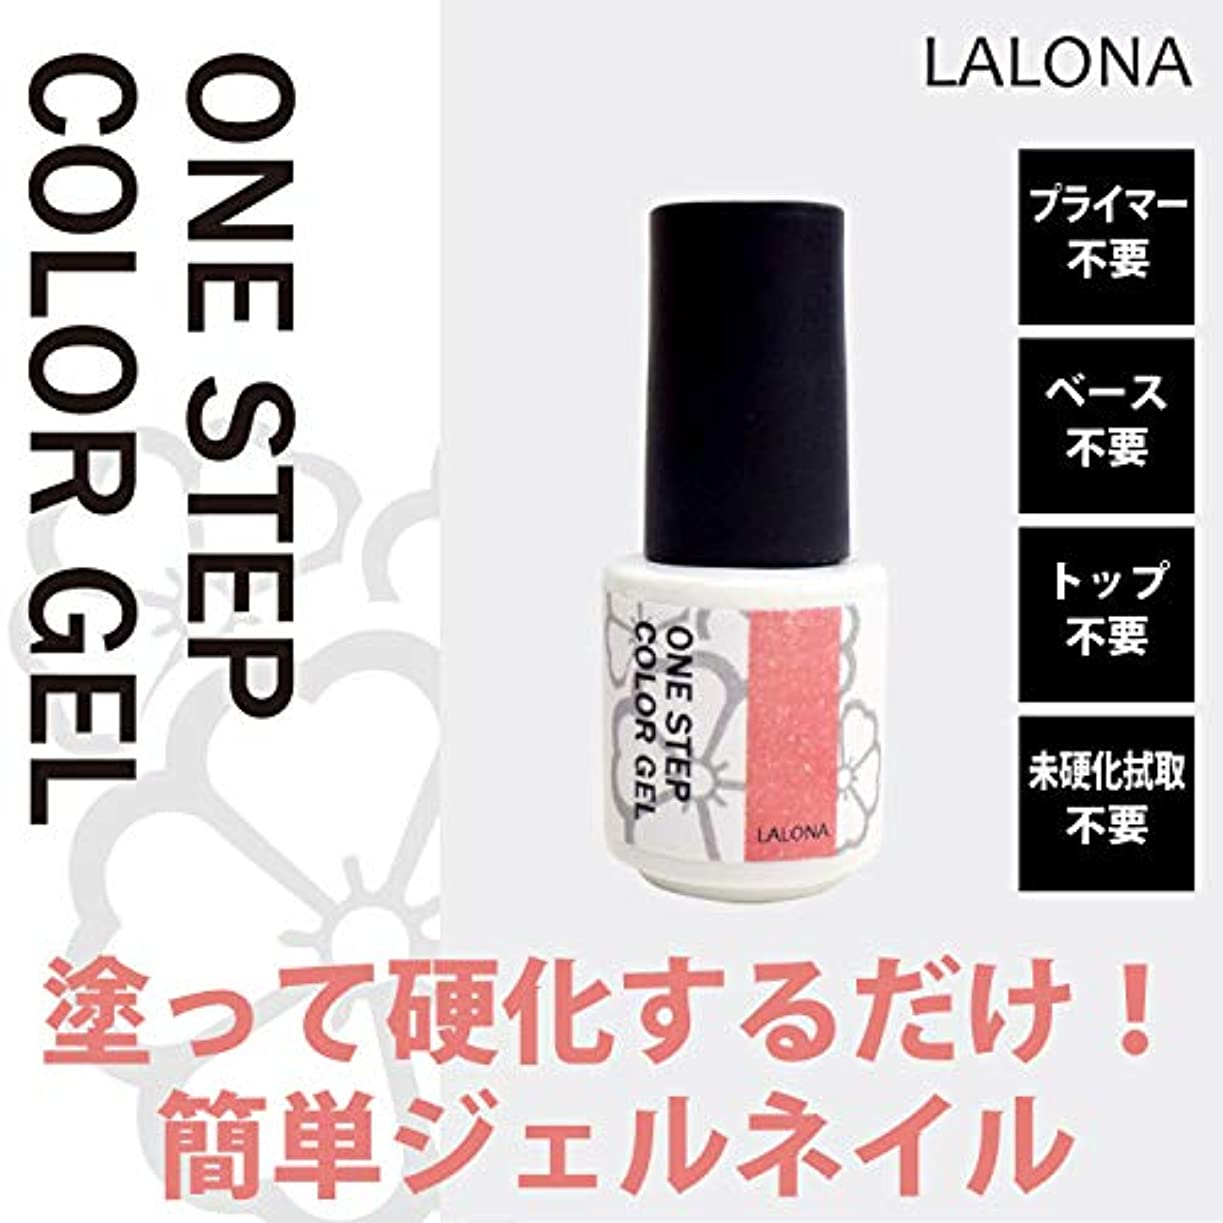 塩辛い支援袋ジェルネイル《塗って硬化させるだけ》LALONA ワンステップカラージェル (5g) (LA019 シャイニーピーチ)